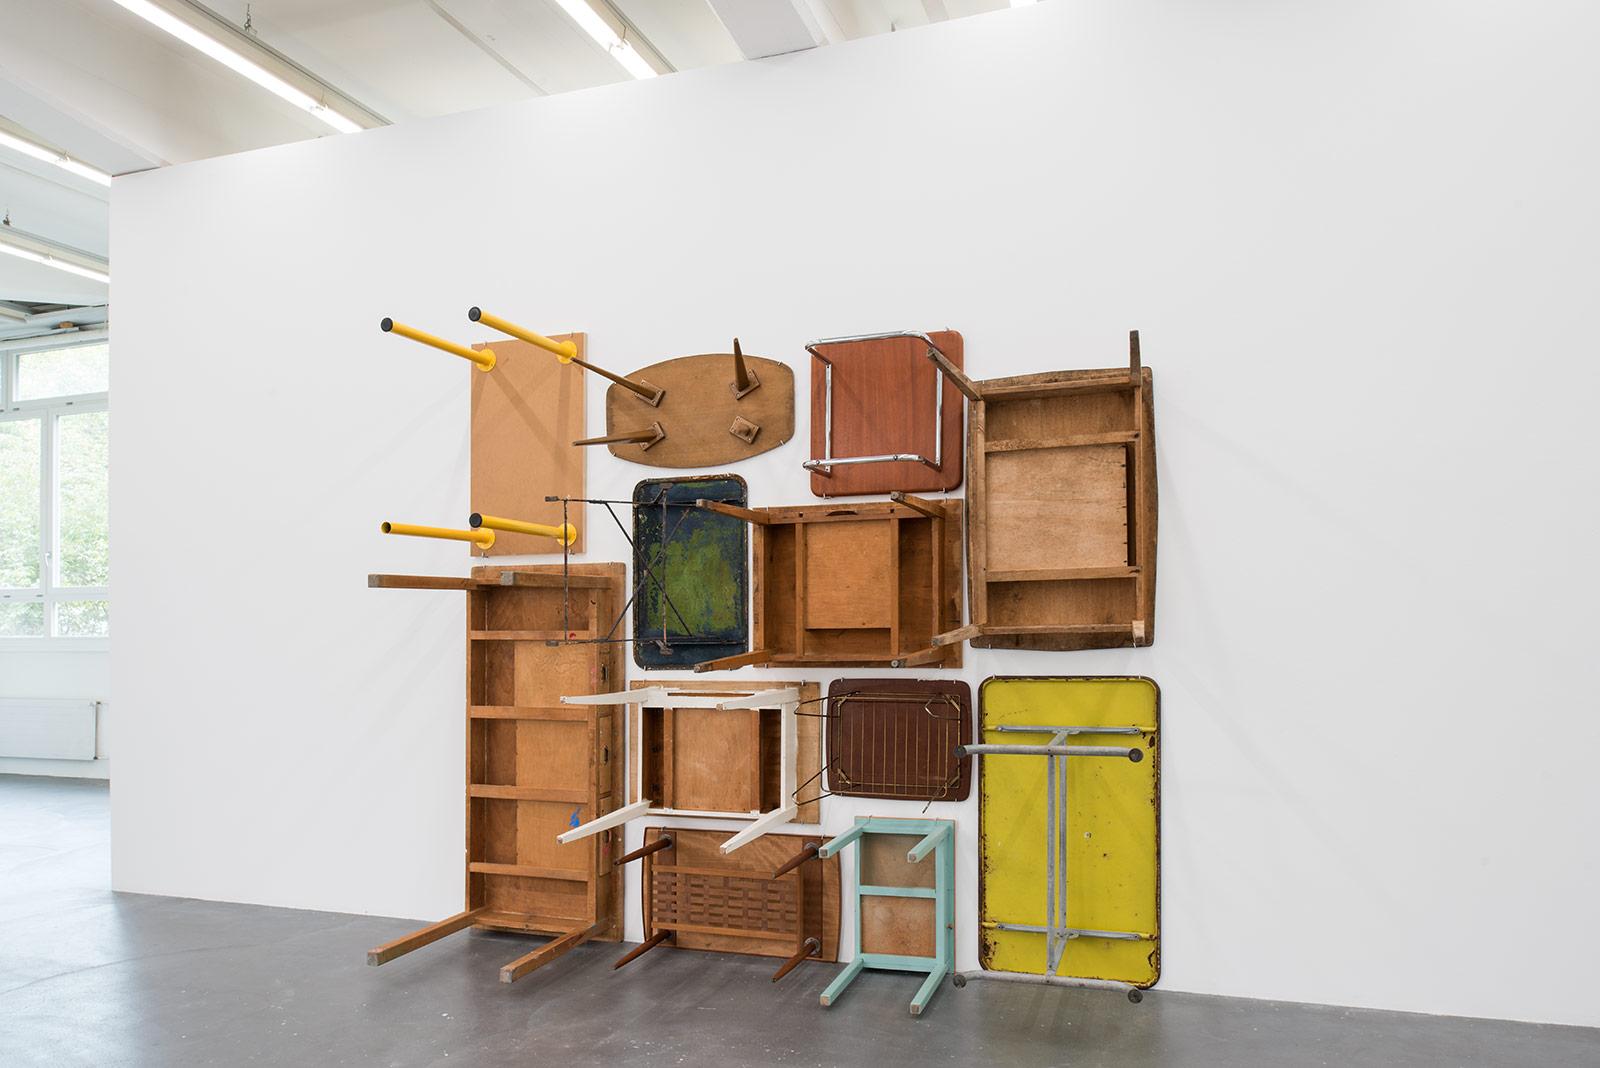 Robert Ireland – Institut Kunst, Diplom 2017